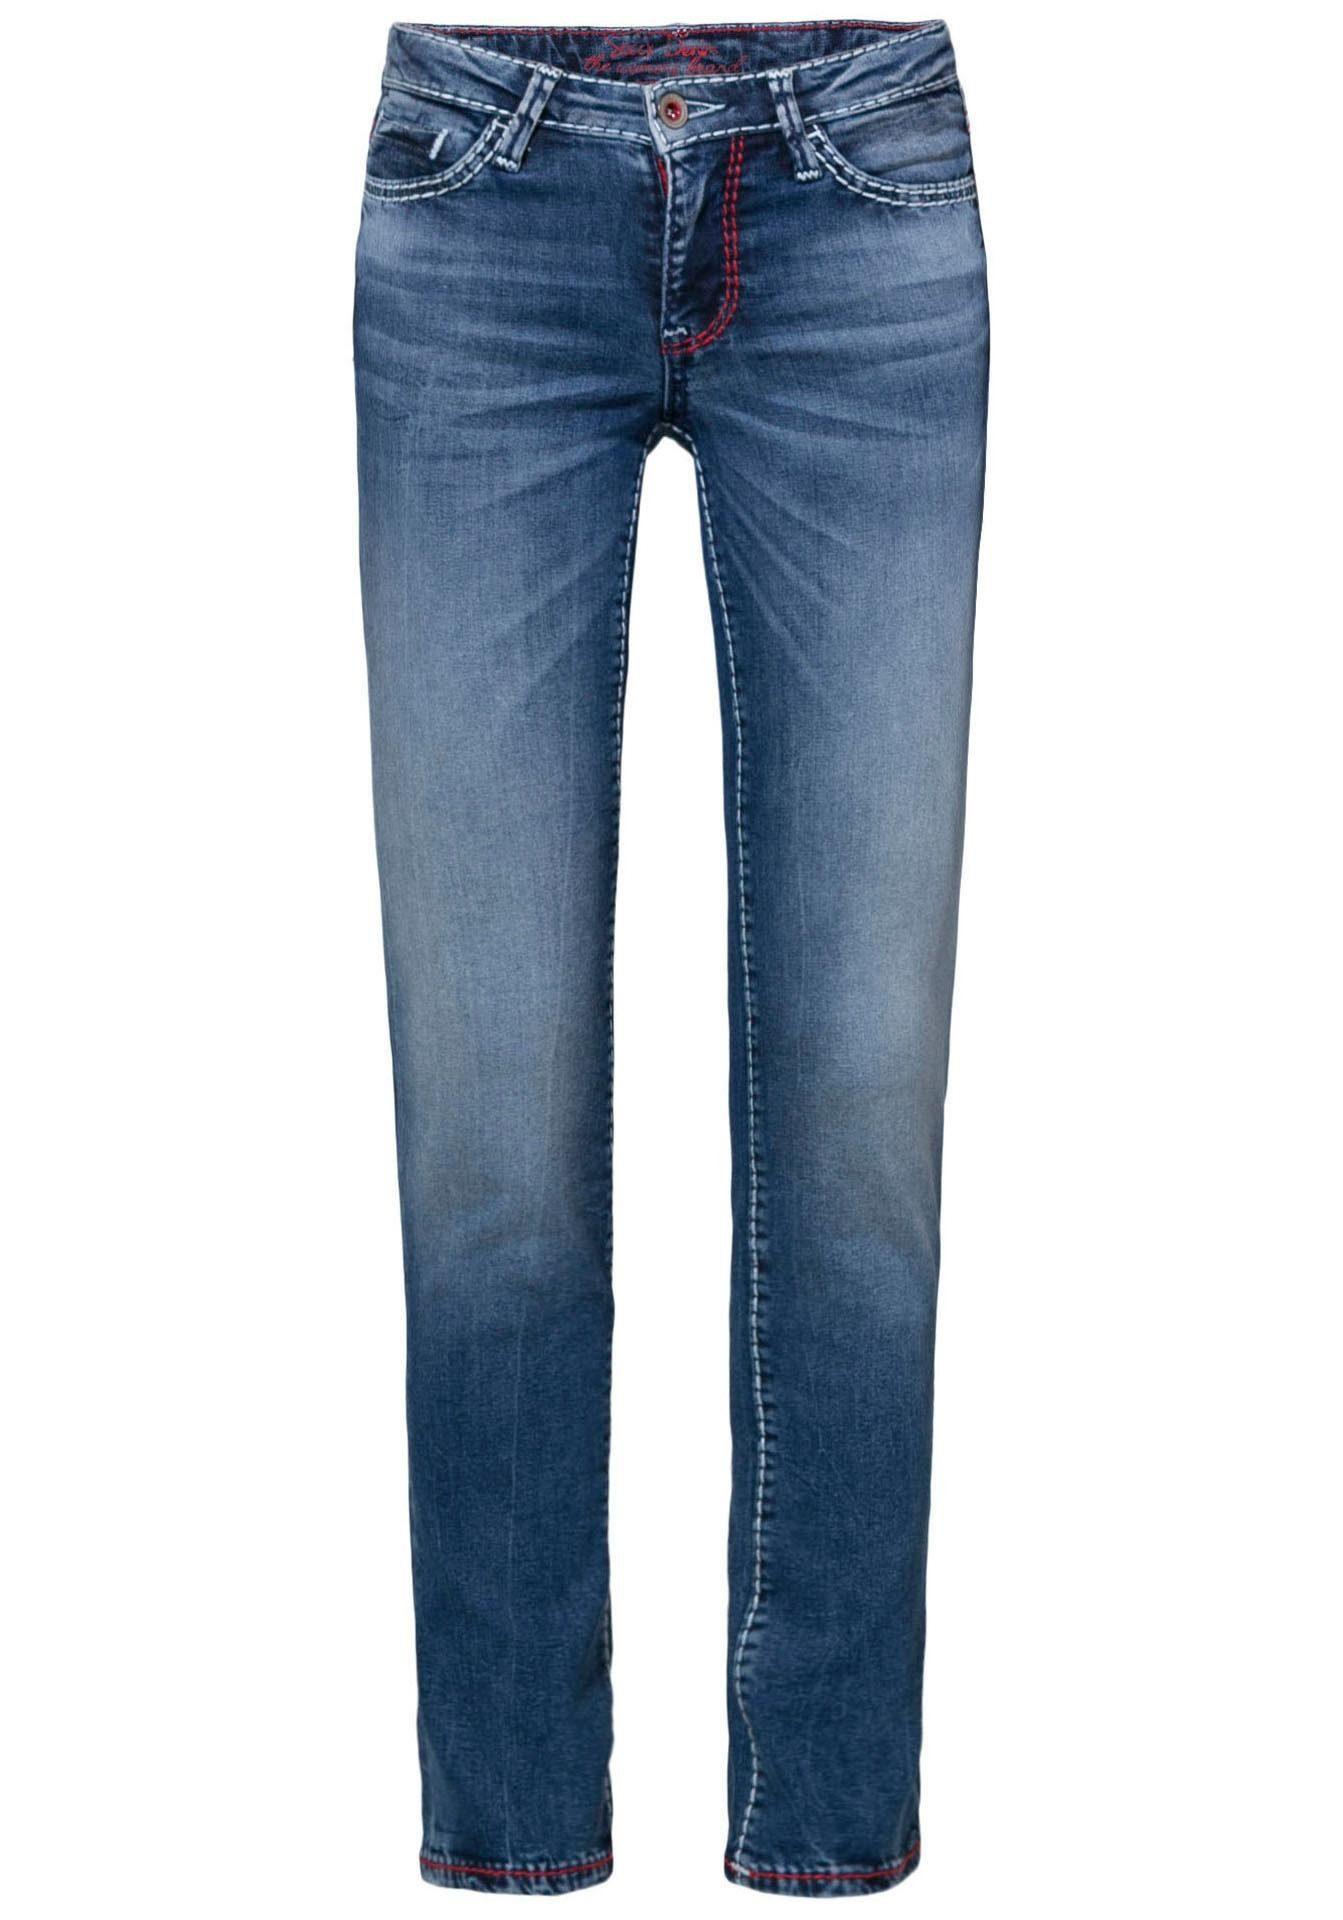 SOCCX Stretch Jeans »RO:MY« low waist, mit kontrastfarbenen Nähten online kaufen   OTTO